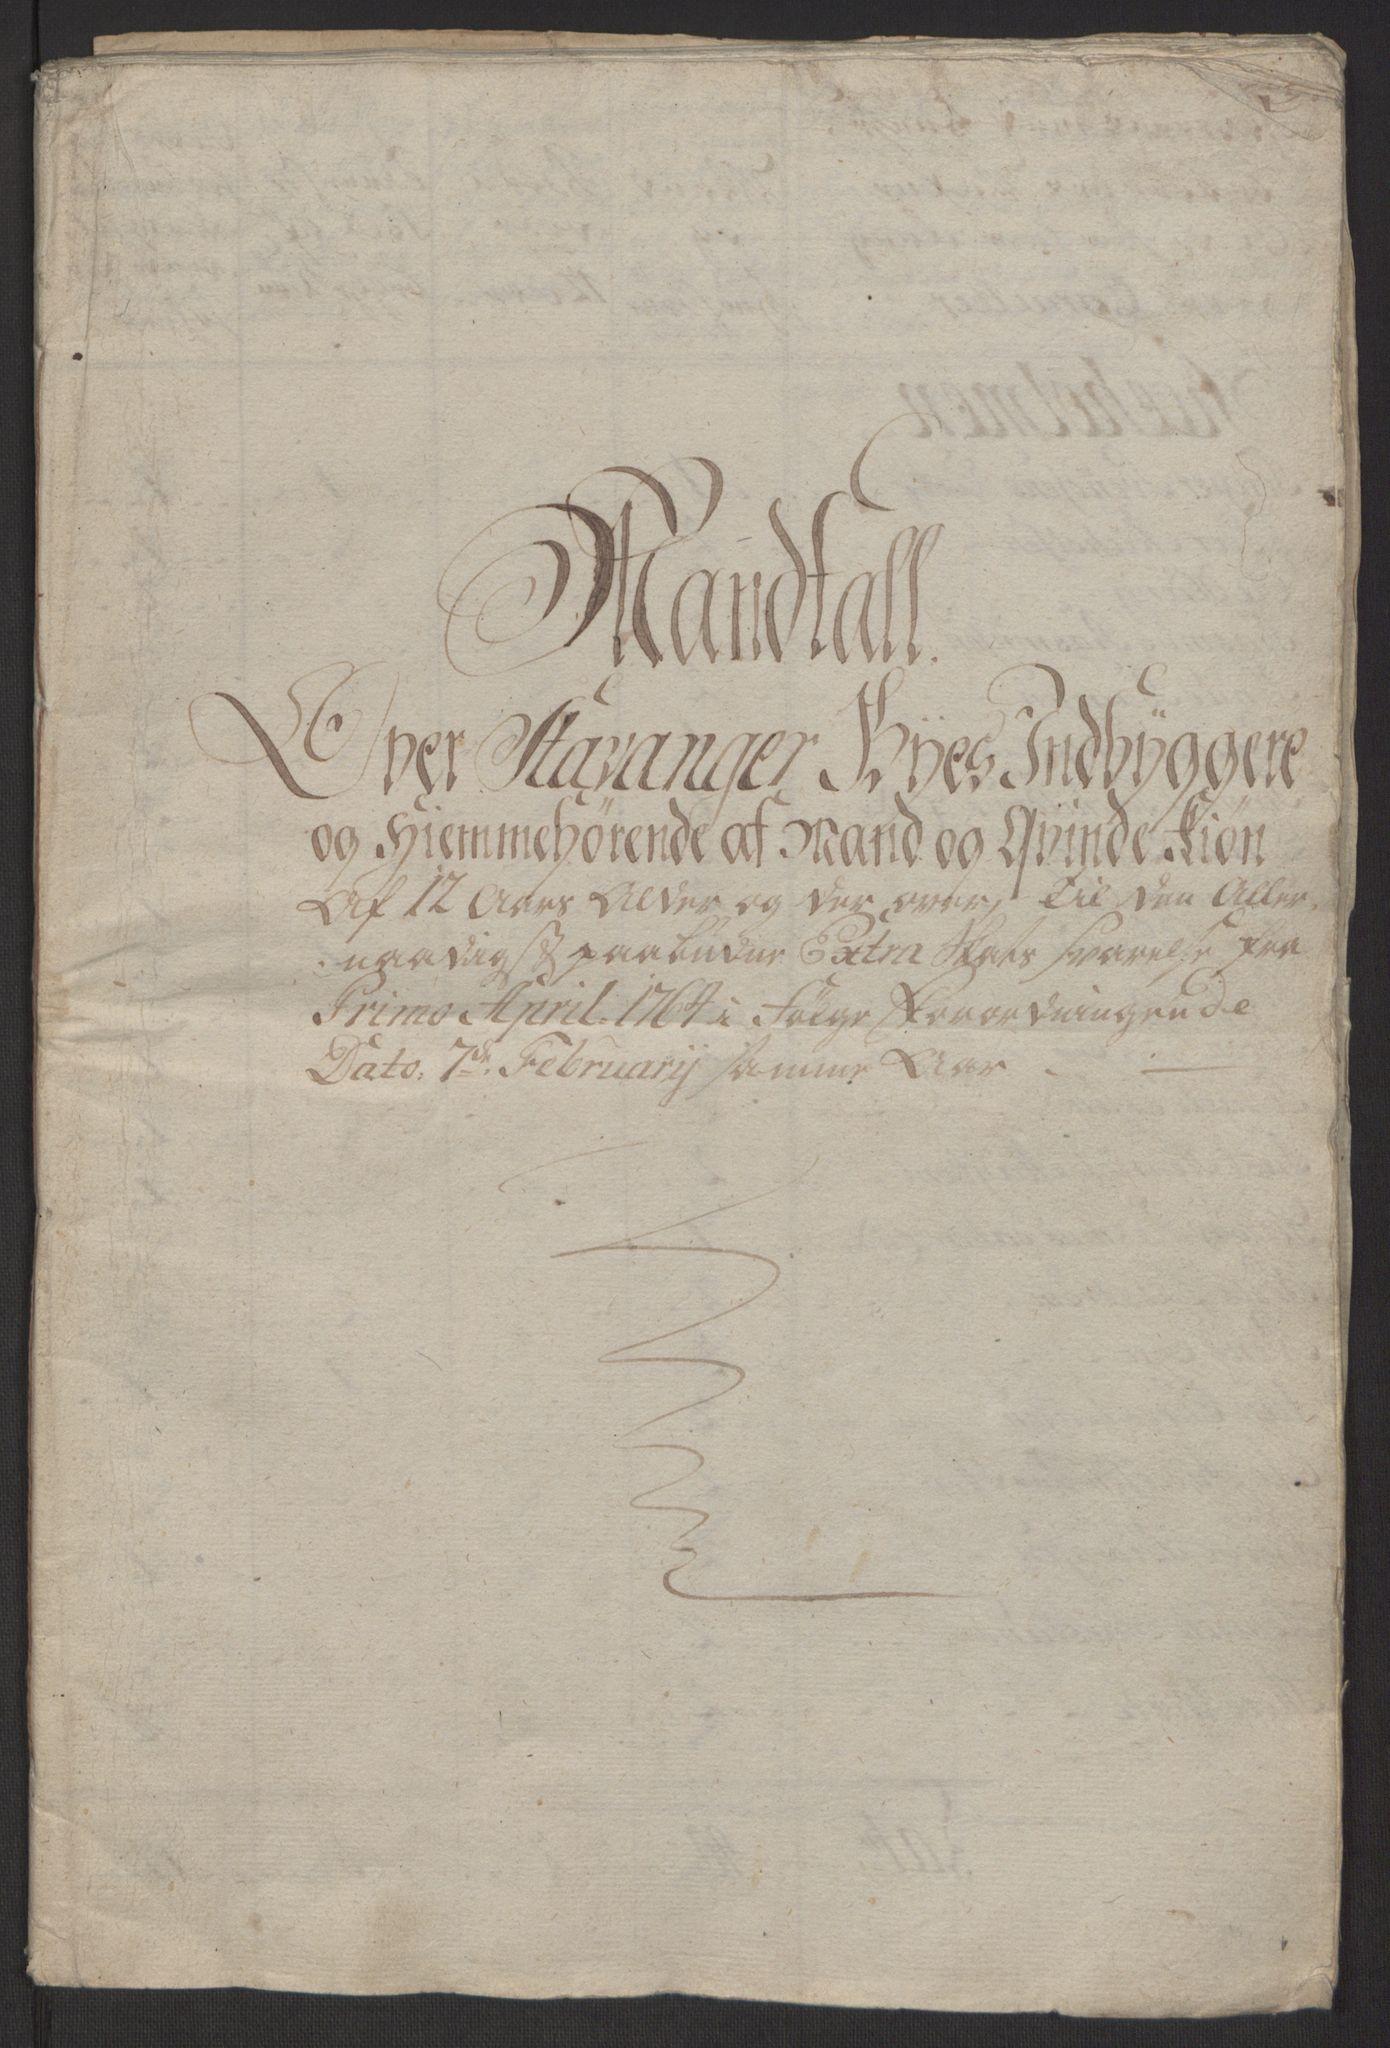 RA, Rentekammeret inntil 1814, Reviderte regnskaper, Byregnskaper, R/Ro/L0305: [O6] Kontribusjonsregnskap, 1762-1768, s. 37